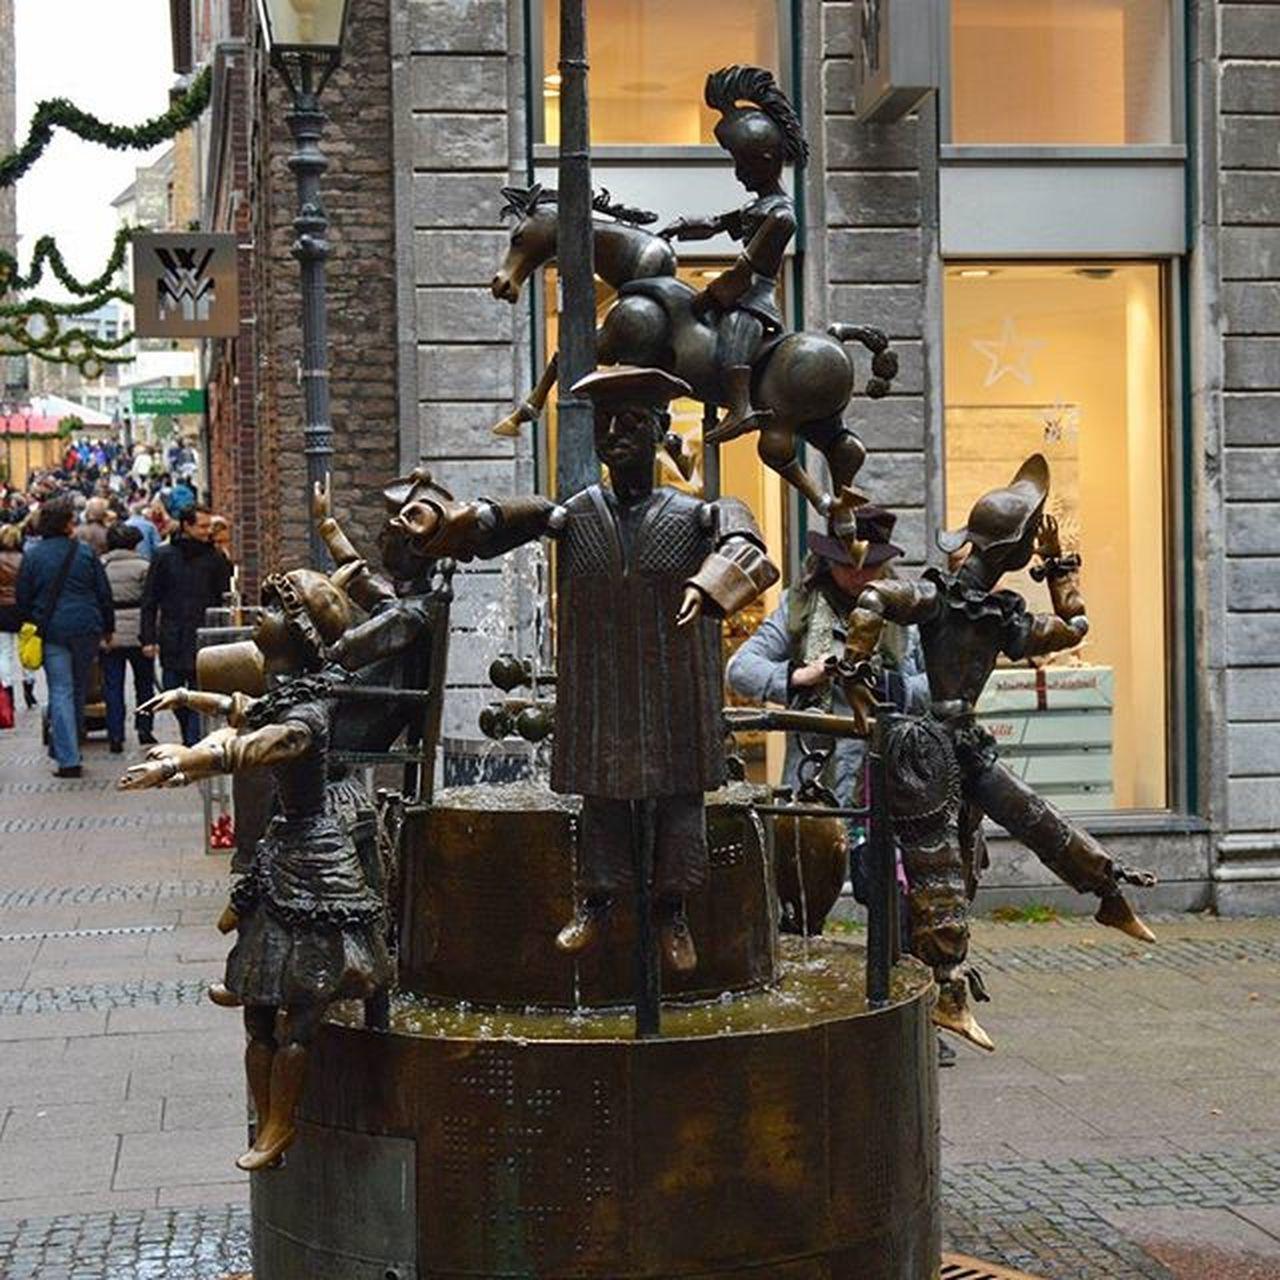 Он же. Так понравился мне) Aachen Wochenende Weekend Nordrheinwestfallen NRW Germany Deutschland Europe